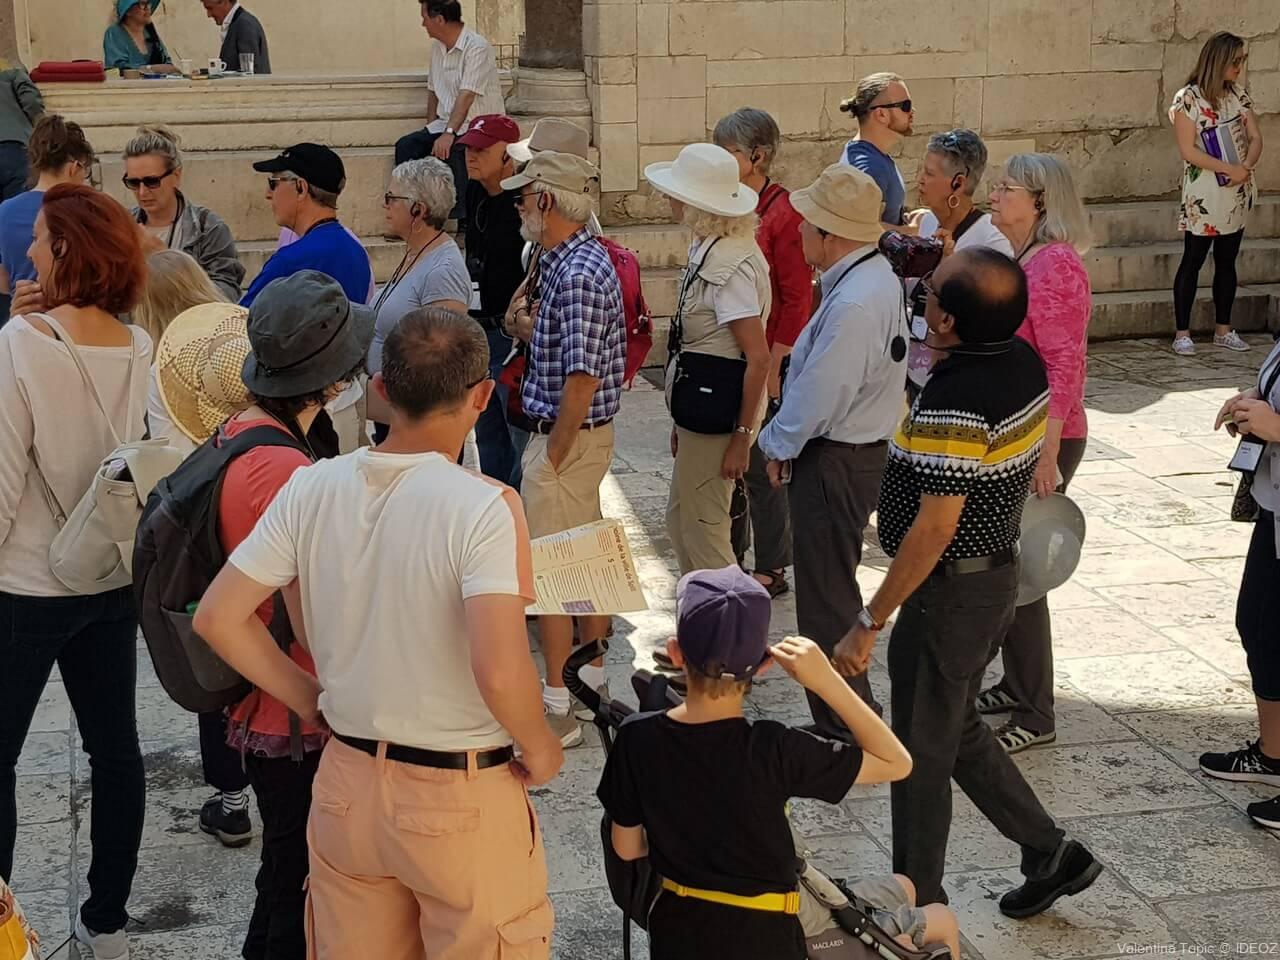 Visite guidée à Zadar avec Valentina : faîtes le choix de visiter Zadar de façon originale 3